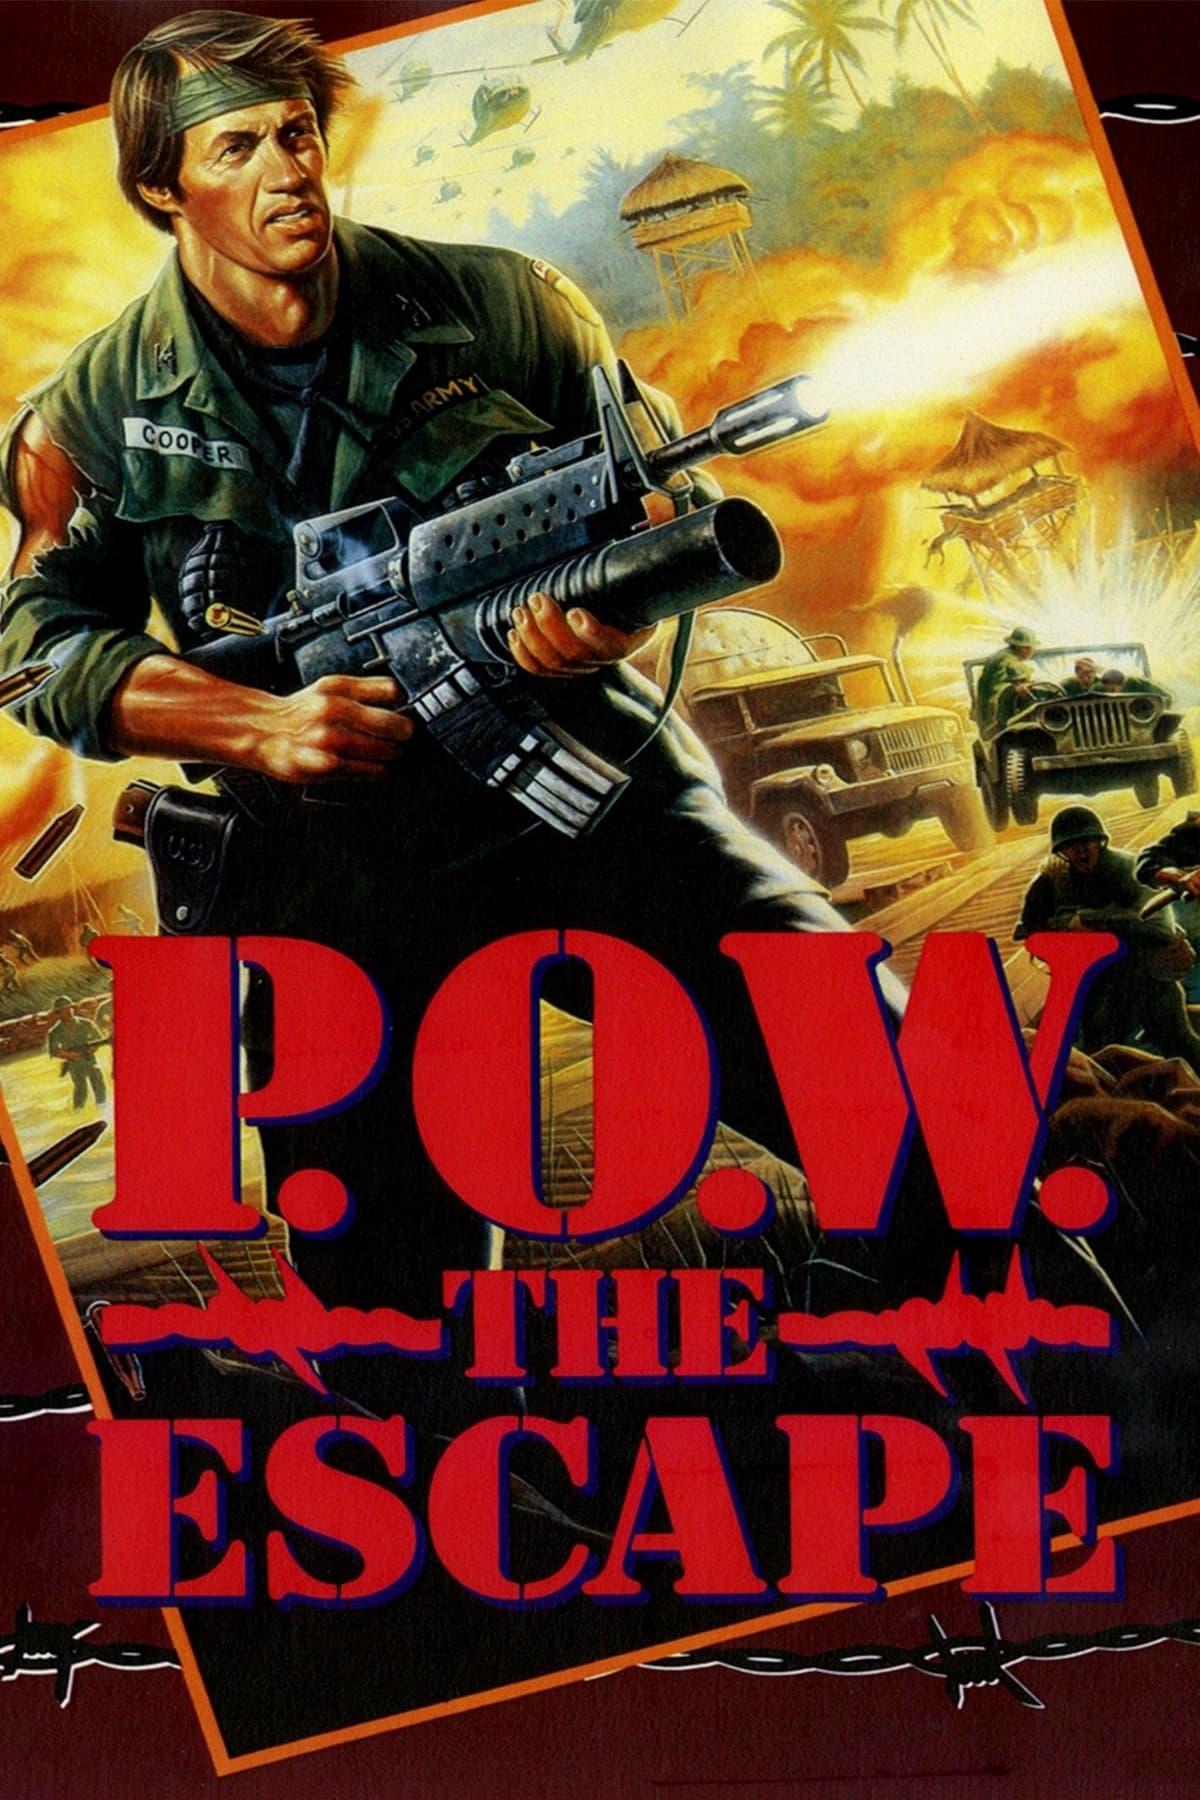 P.O.W. The Escape